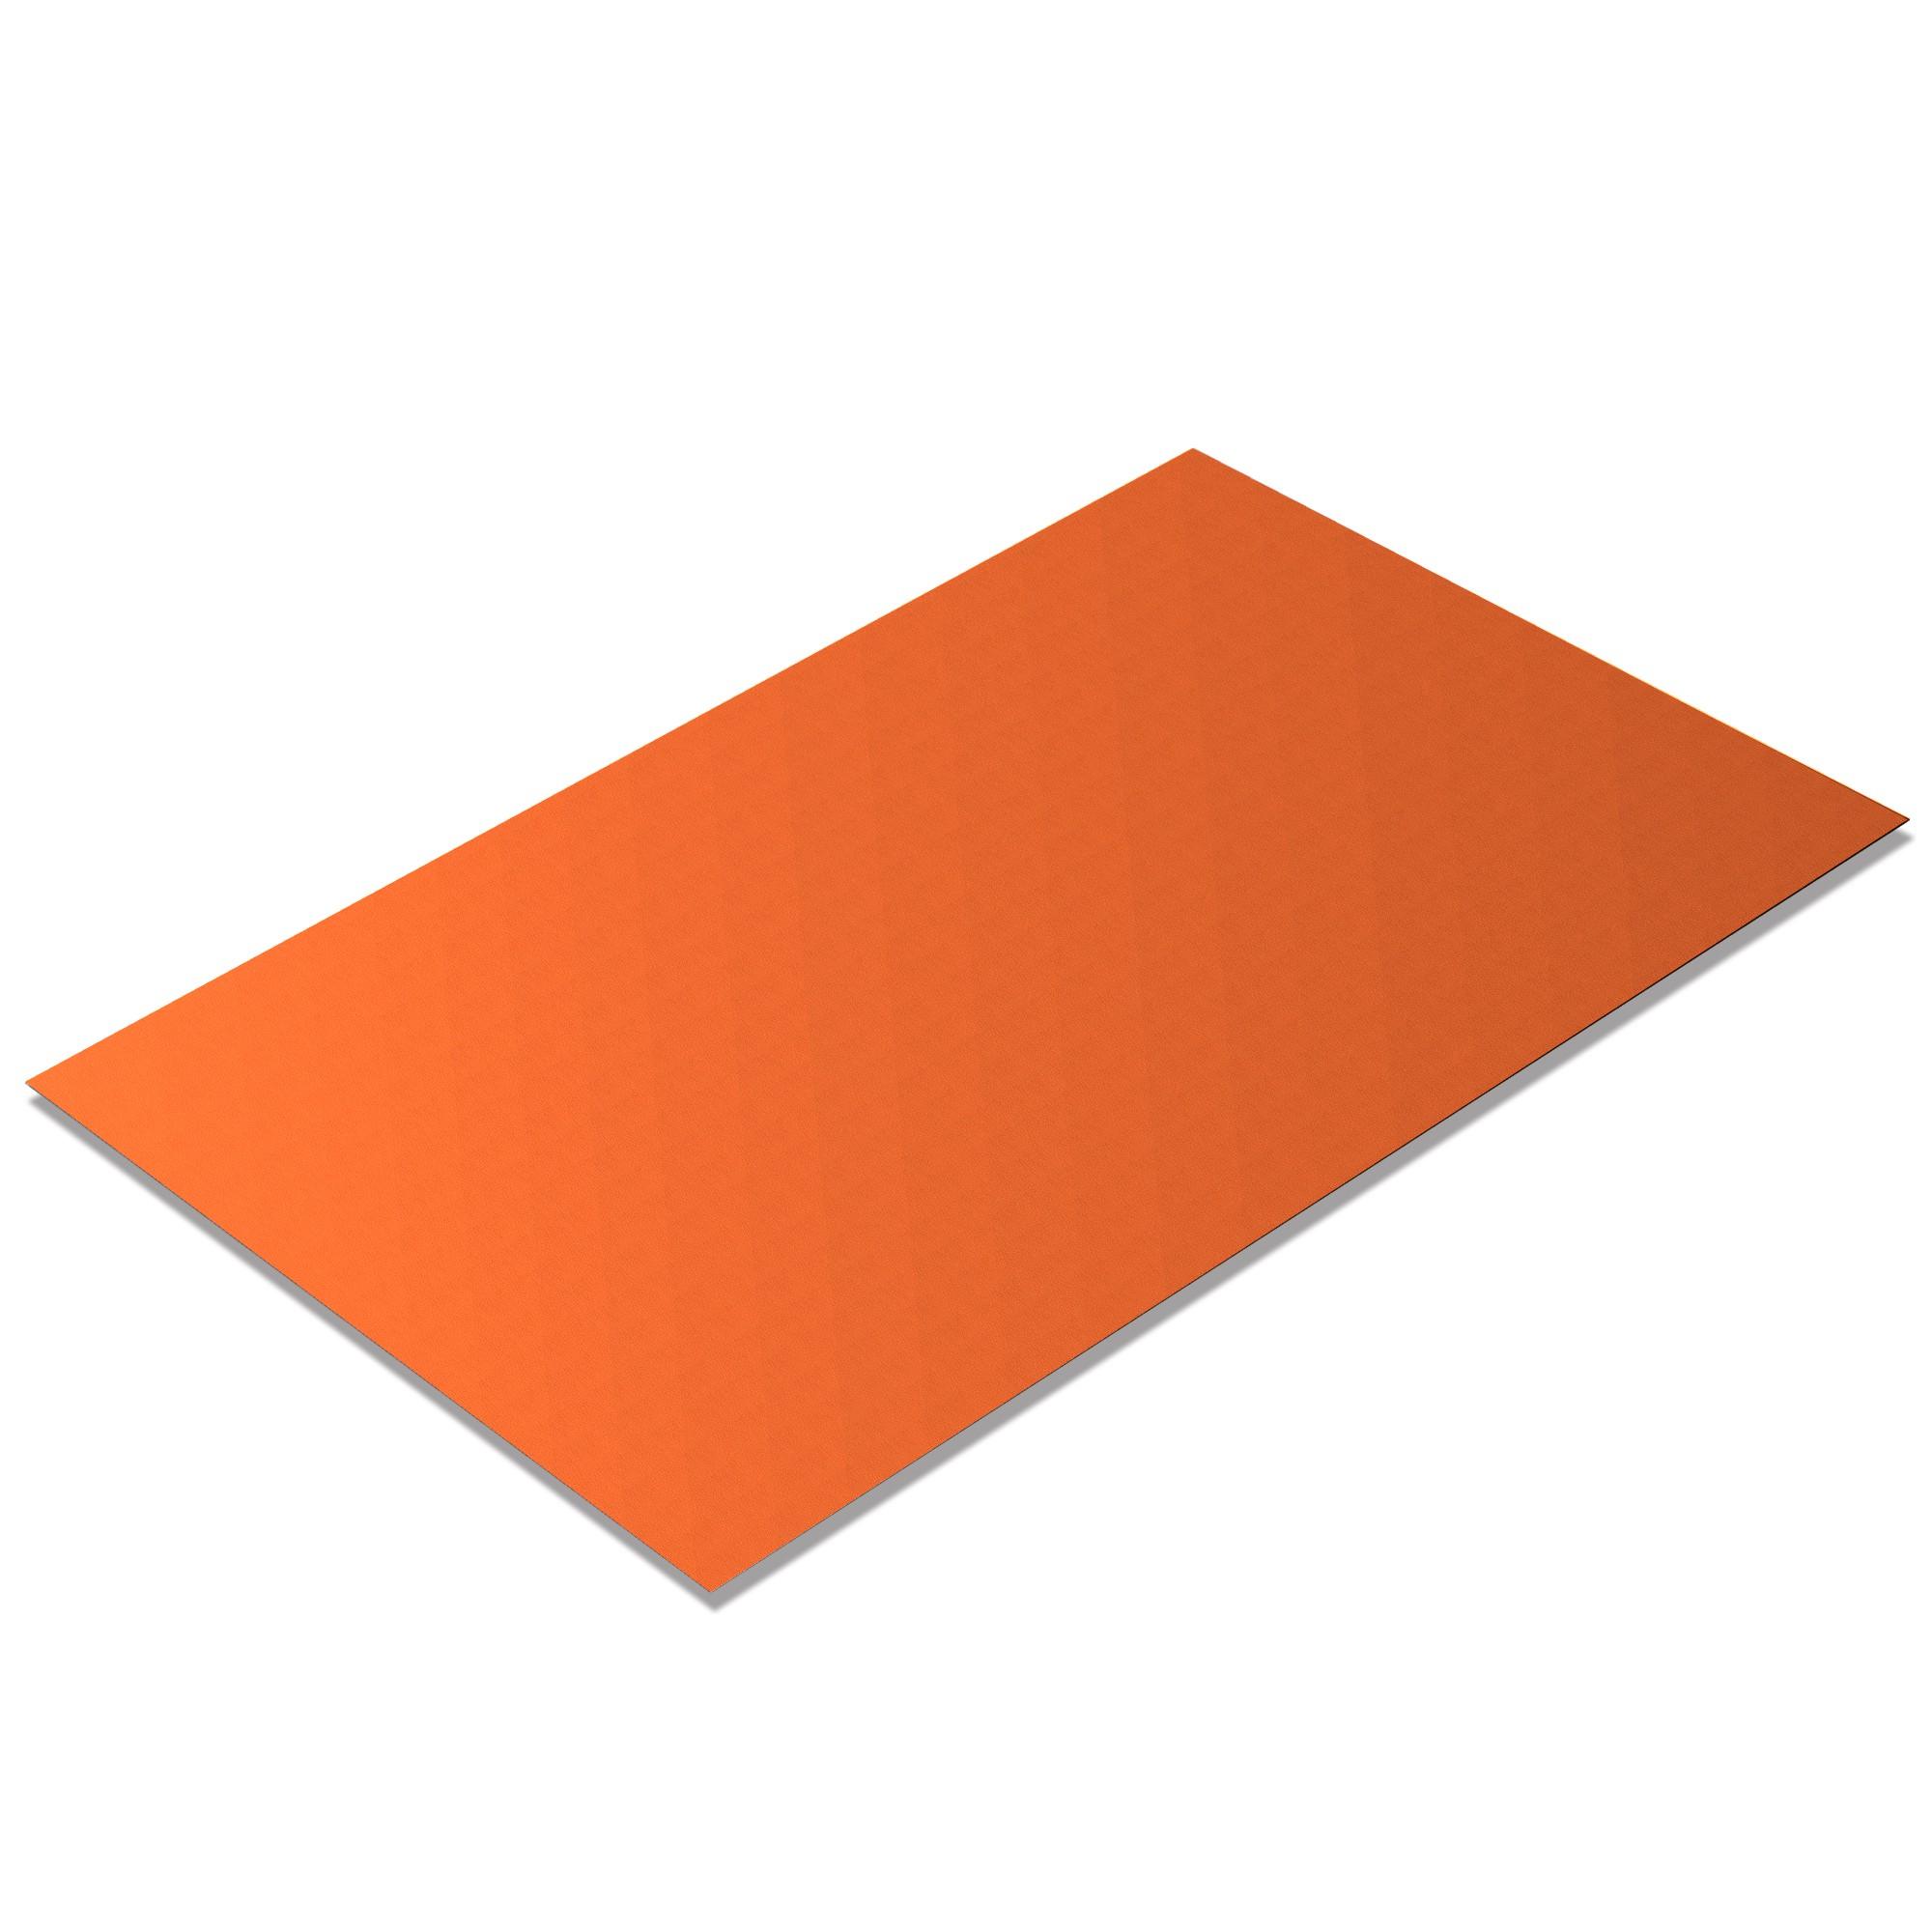 Kunstleder Meterware Teens Orange [TEE19]